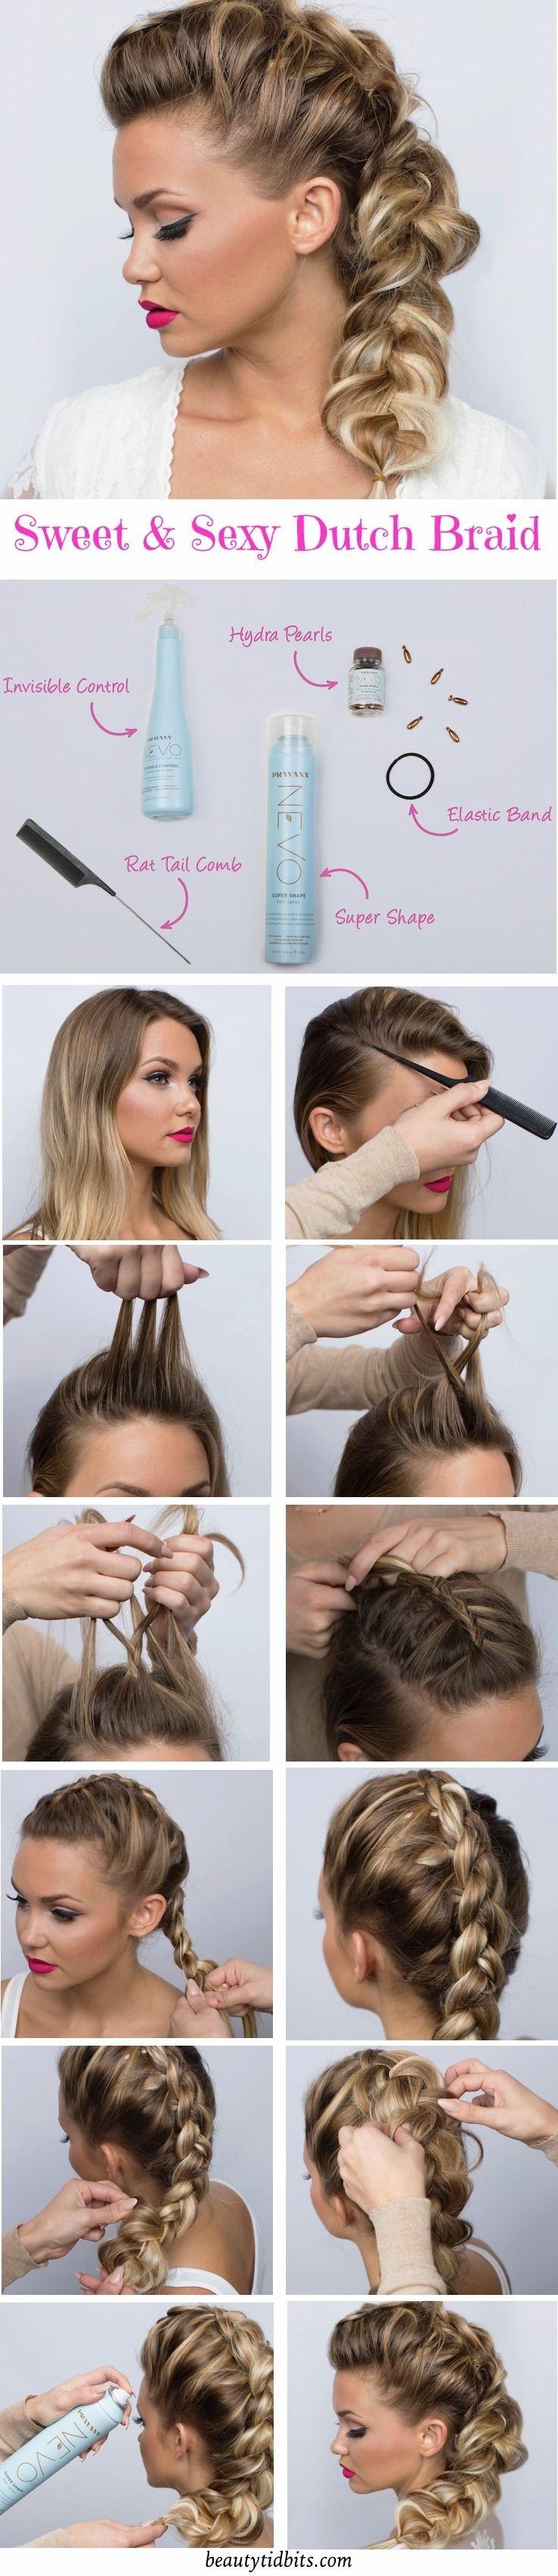 coiffure-tresse-1